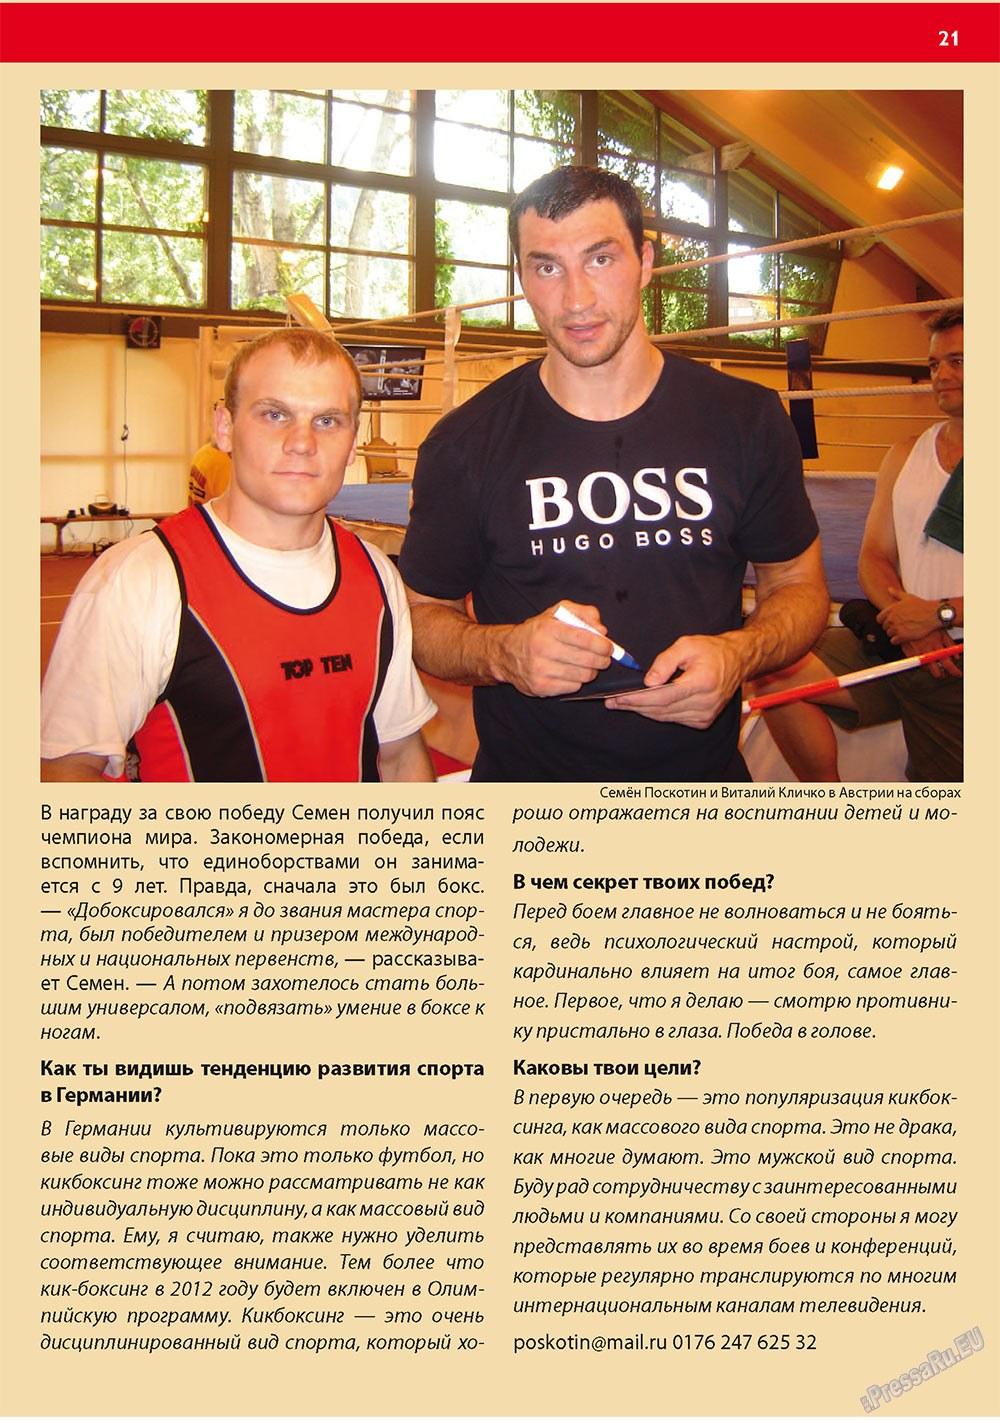 Апельсин (журнал). 2011 год, номер 18, стр. 21